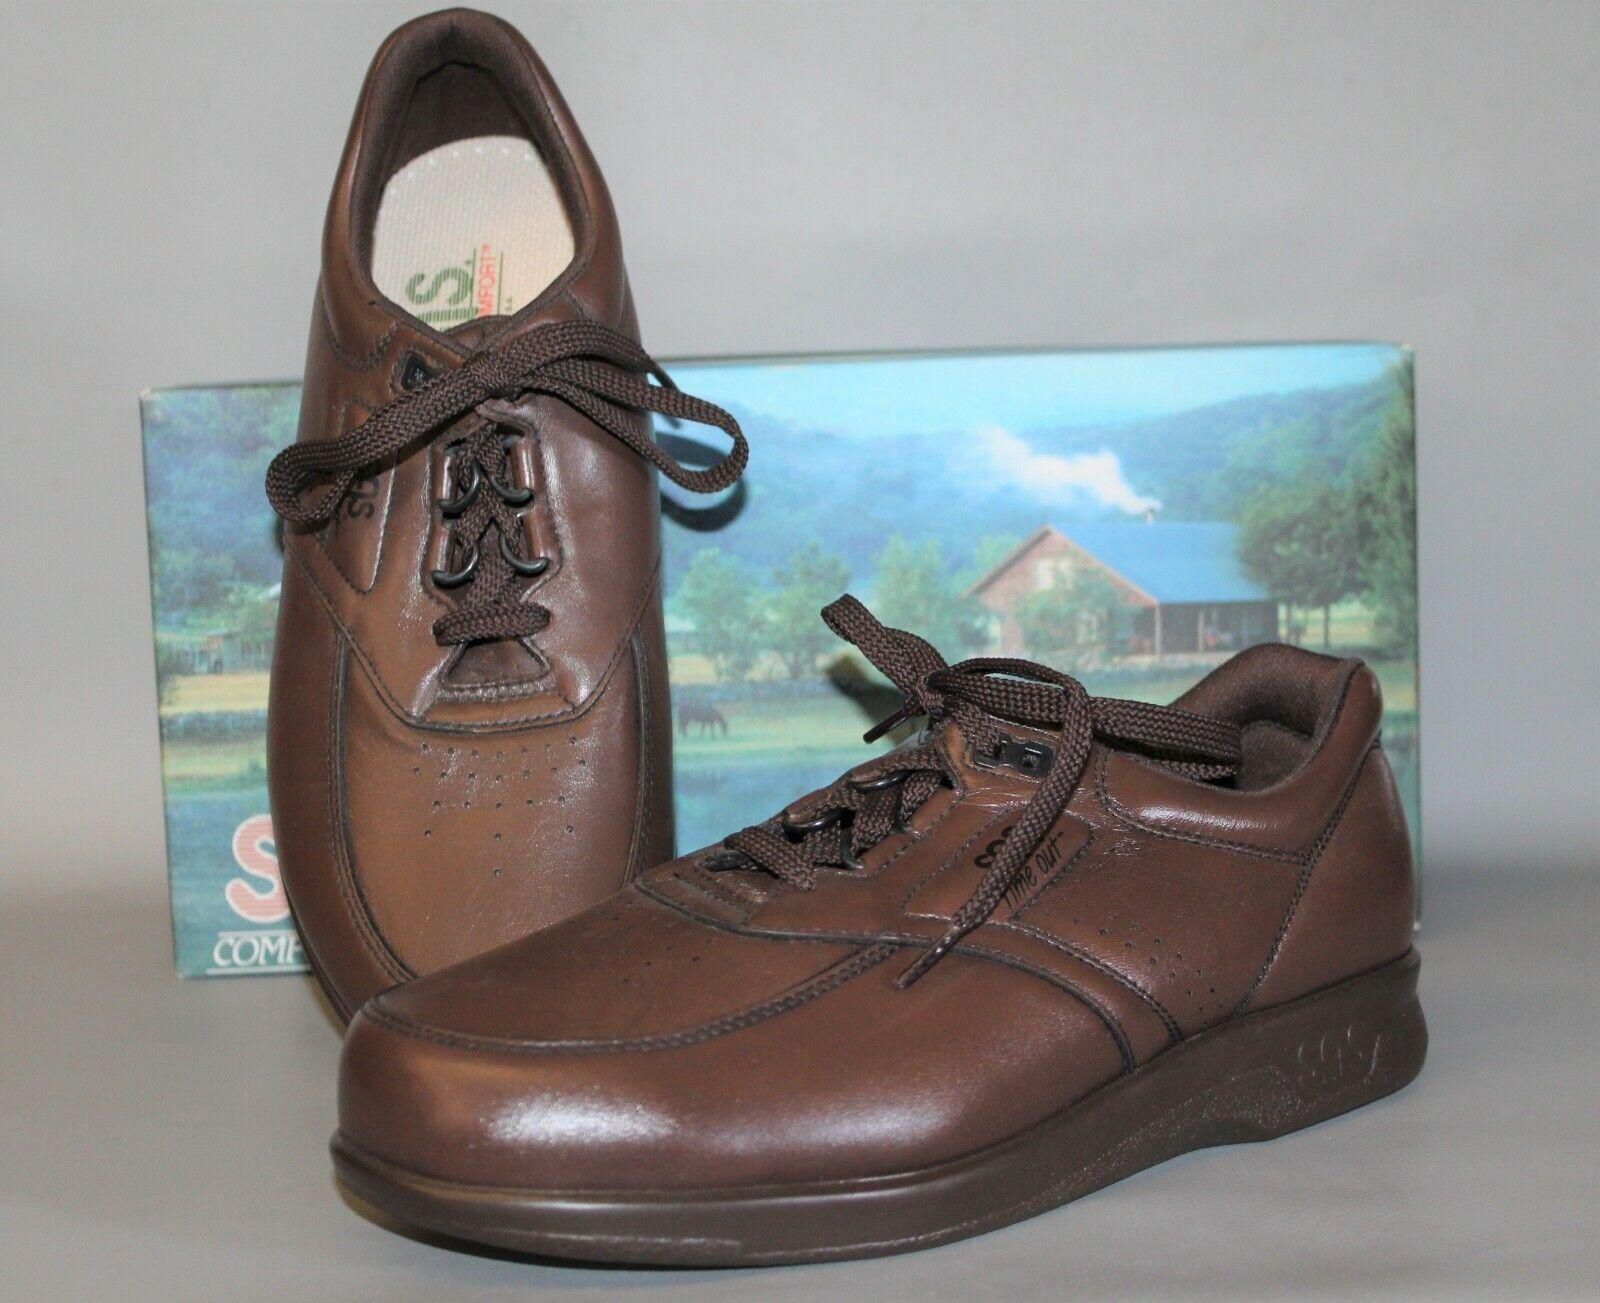 Nuevo Para hombres de tiempo de espera SAS marrón cuero zapatos cómodos, de apoyo, hecho en EE. UU.